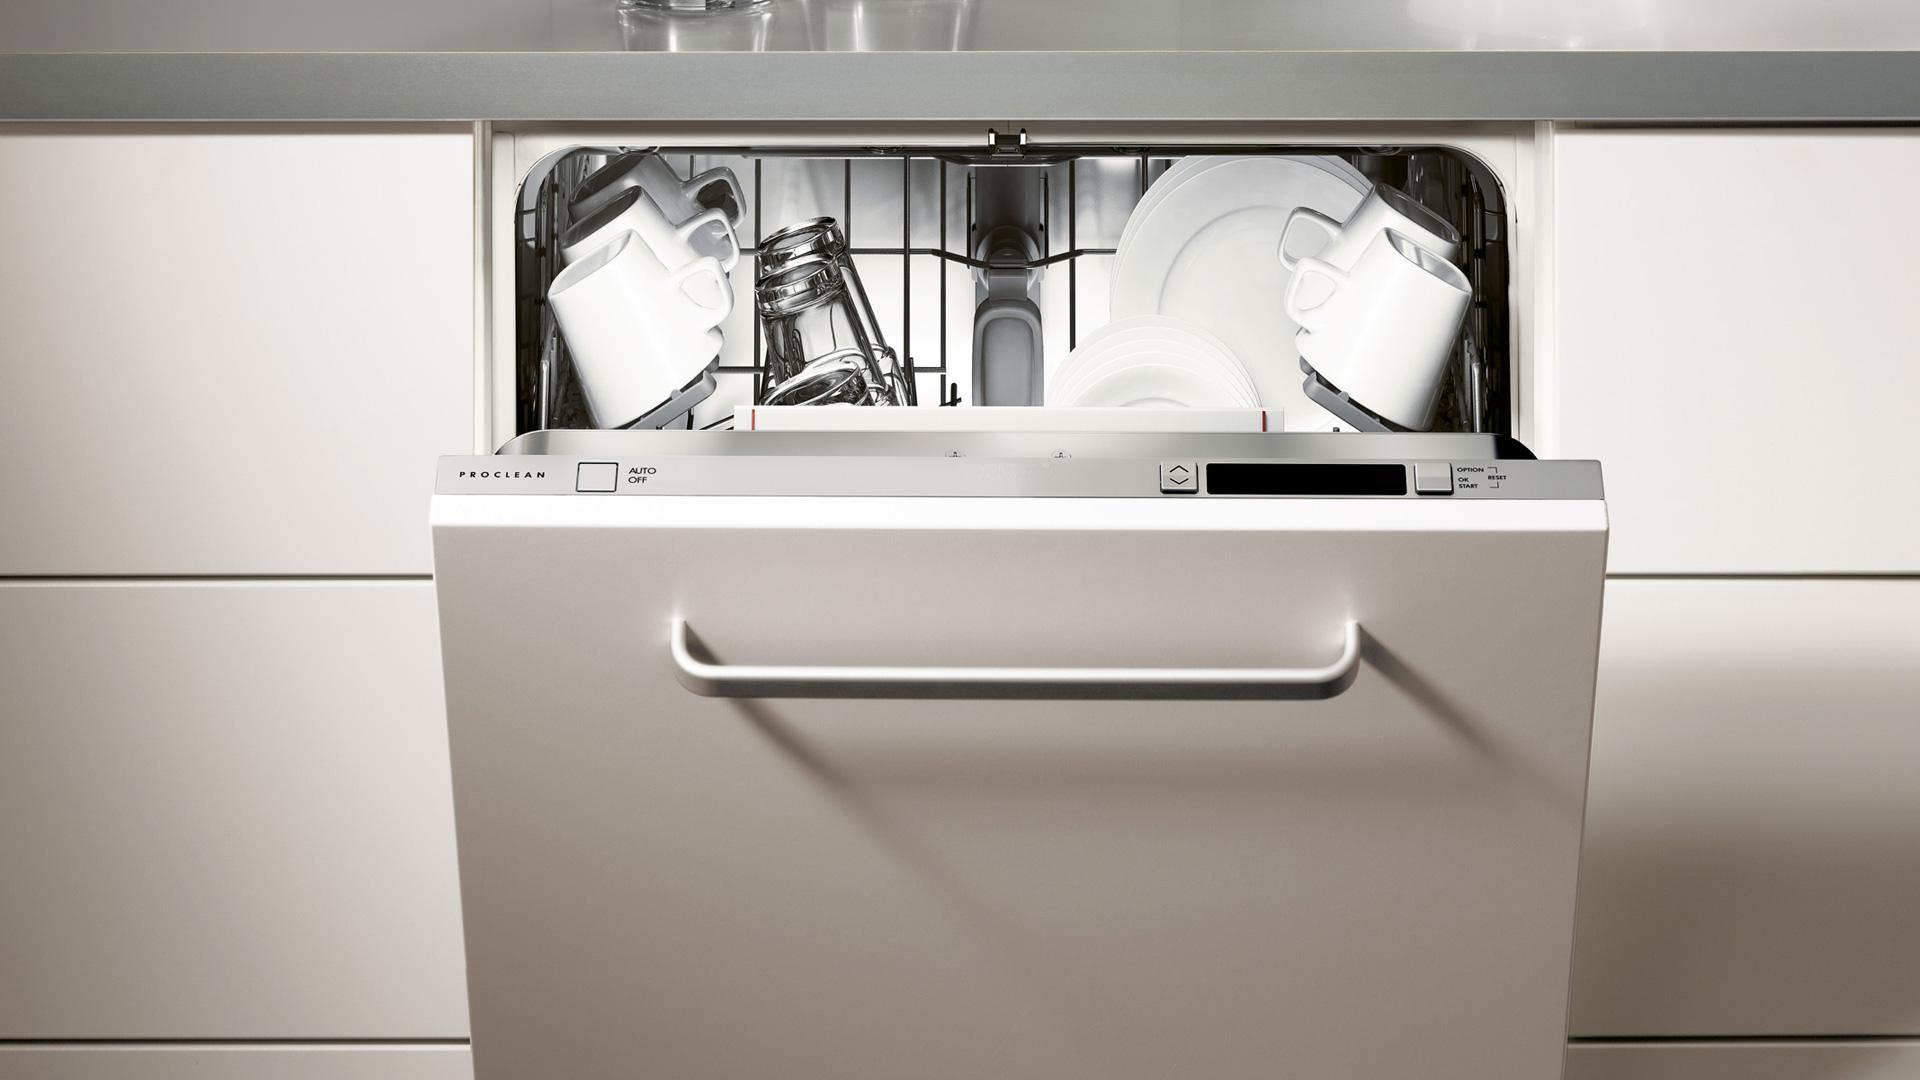 qui n 39 a pas besoin d 39 un lave vaisselle qui commande tout seul ses tablettes tech numerama. Black Bedroom Furniture Sets. Home Design Ideas